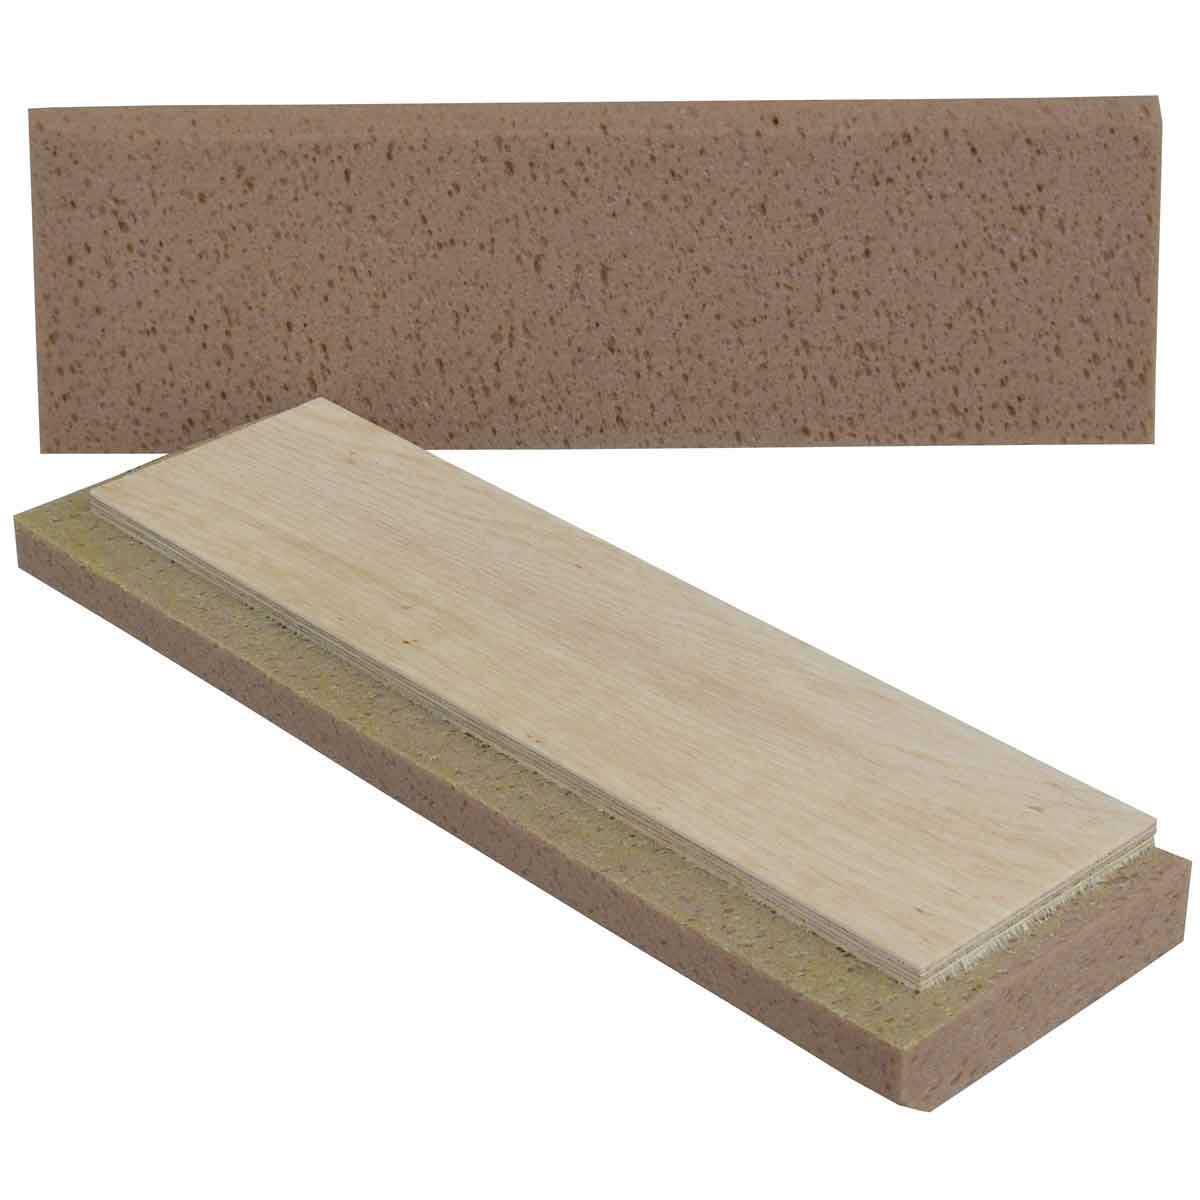 Floor tile Sponge Raimondi Pedalo